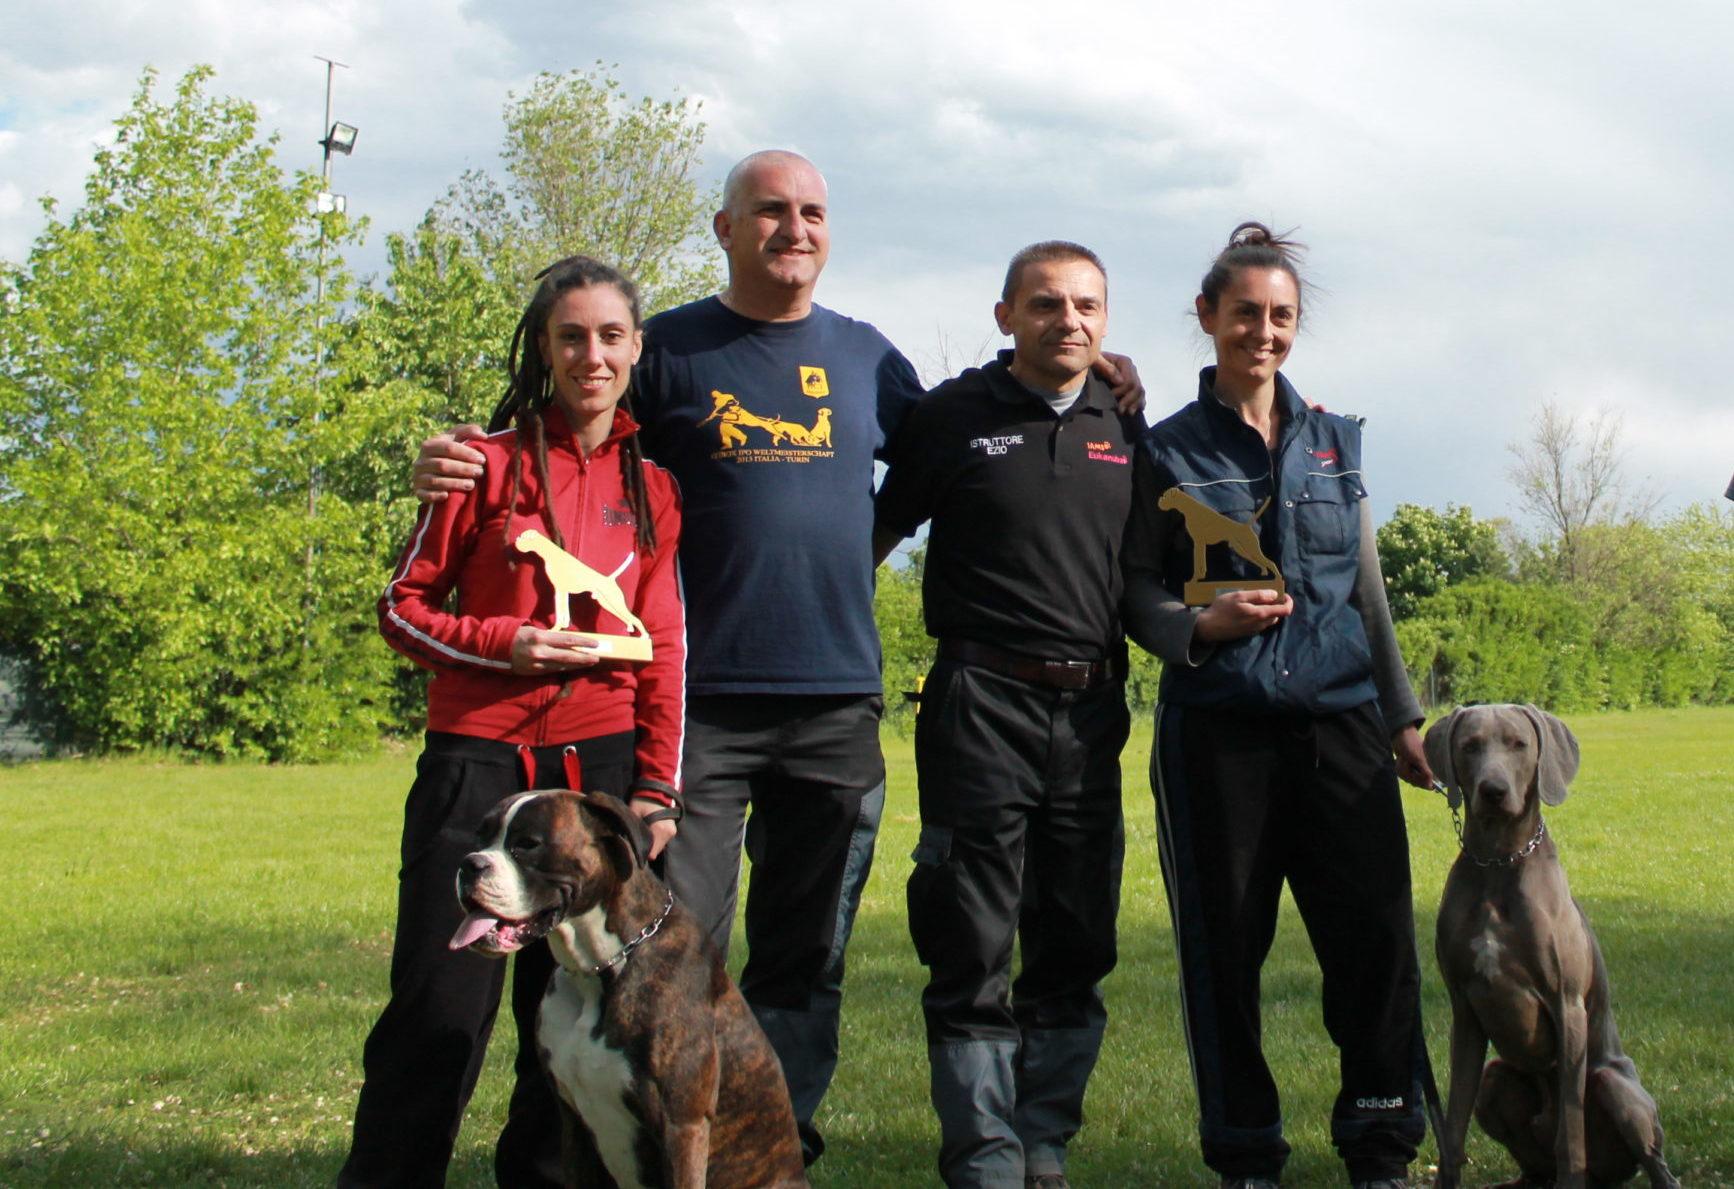 Foto di gruppo con i vincitori di una gara